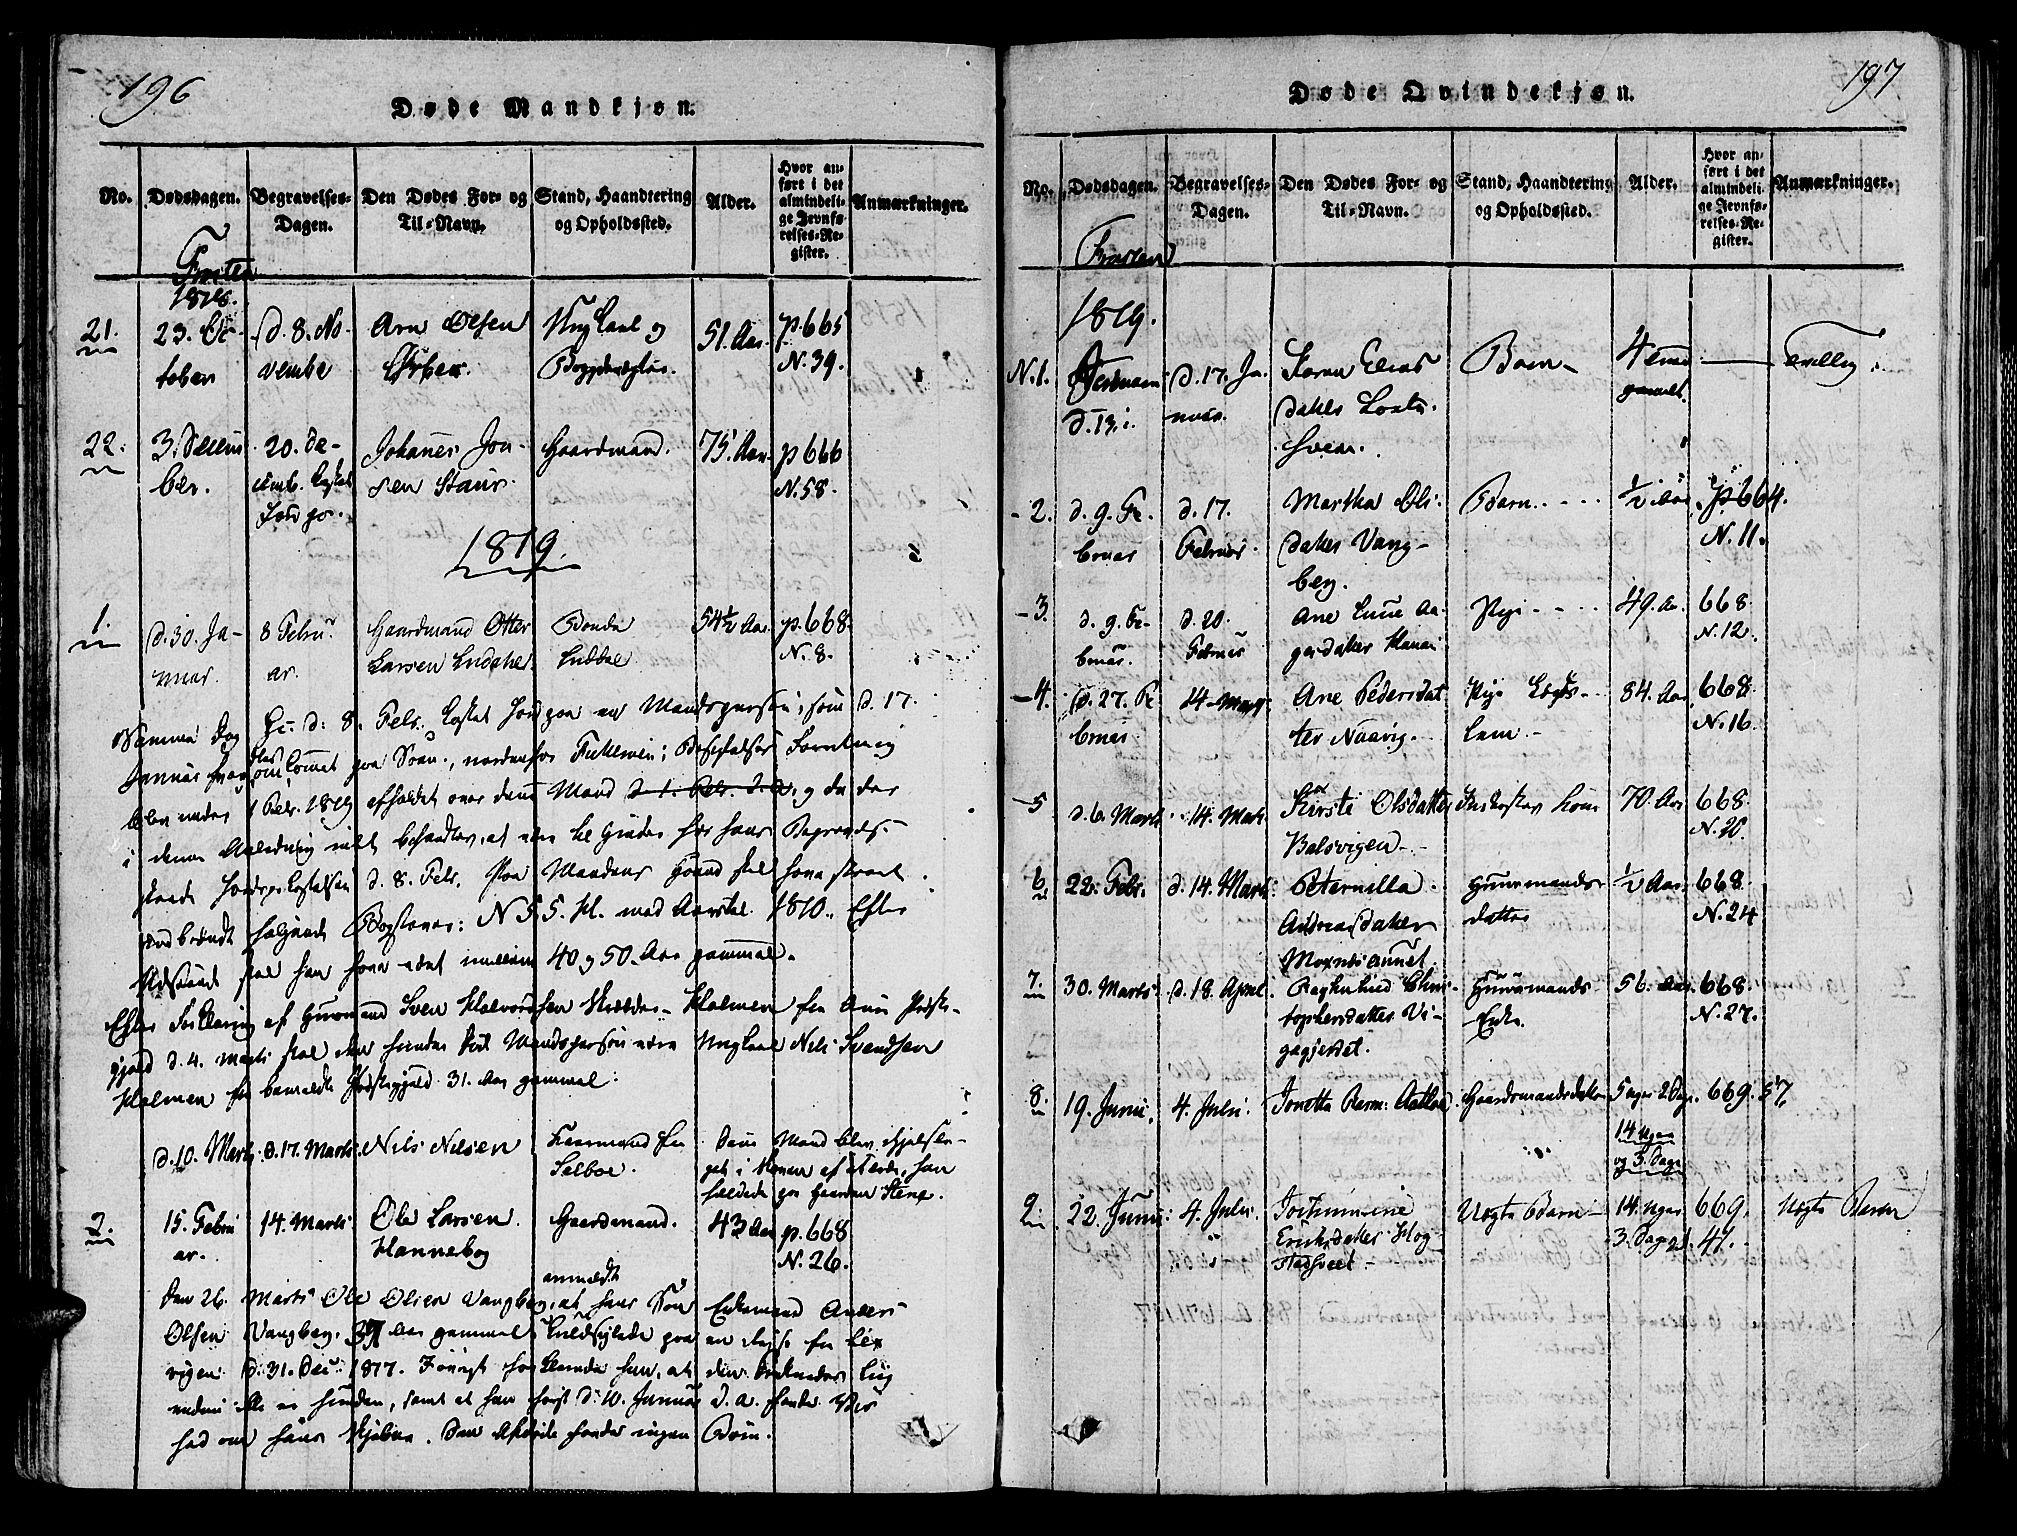 SAT, Ministerialprotokoller, klokkerbøker og fødselsregistre - Nord-Trøndelag, 713/L0112: Ministerialbok nr. 713A04 /1, 1817-1827, s. 196-197